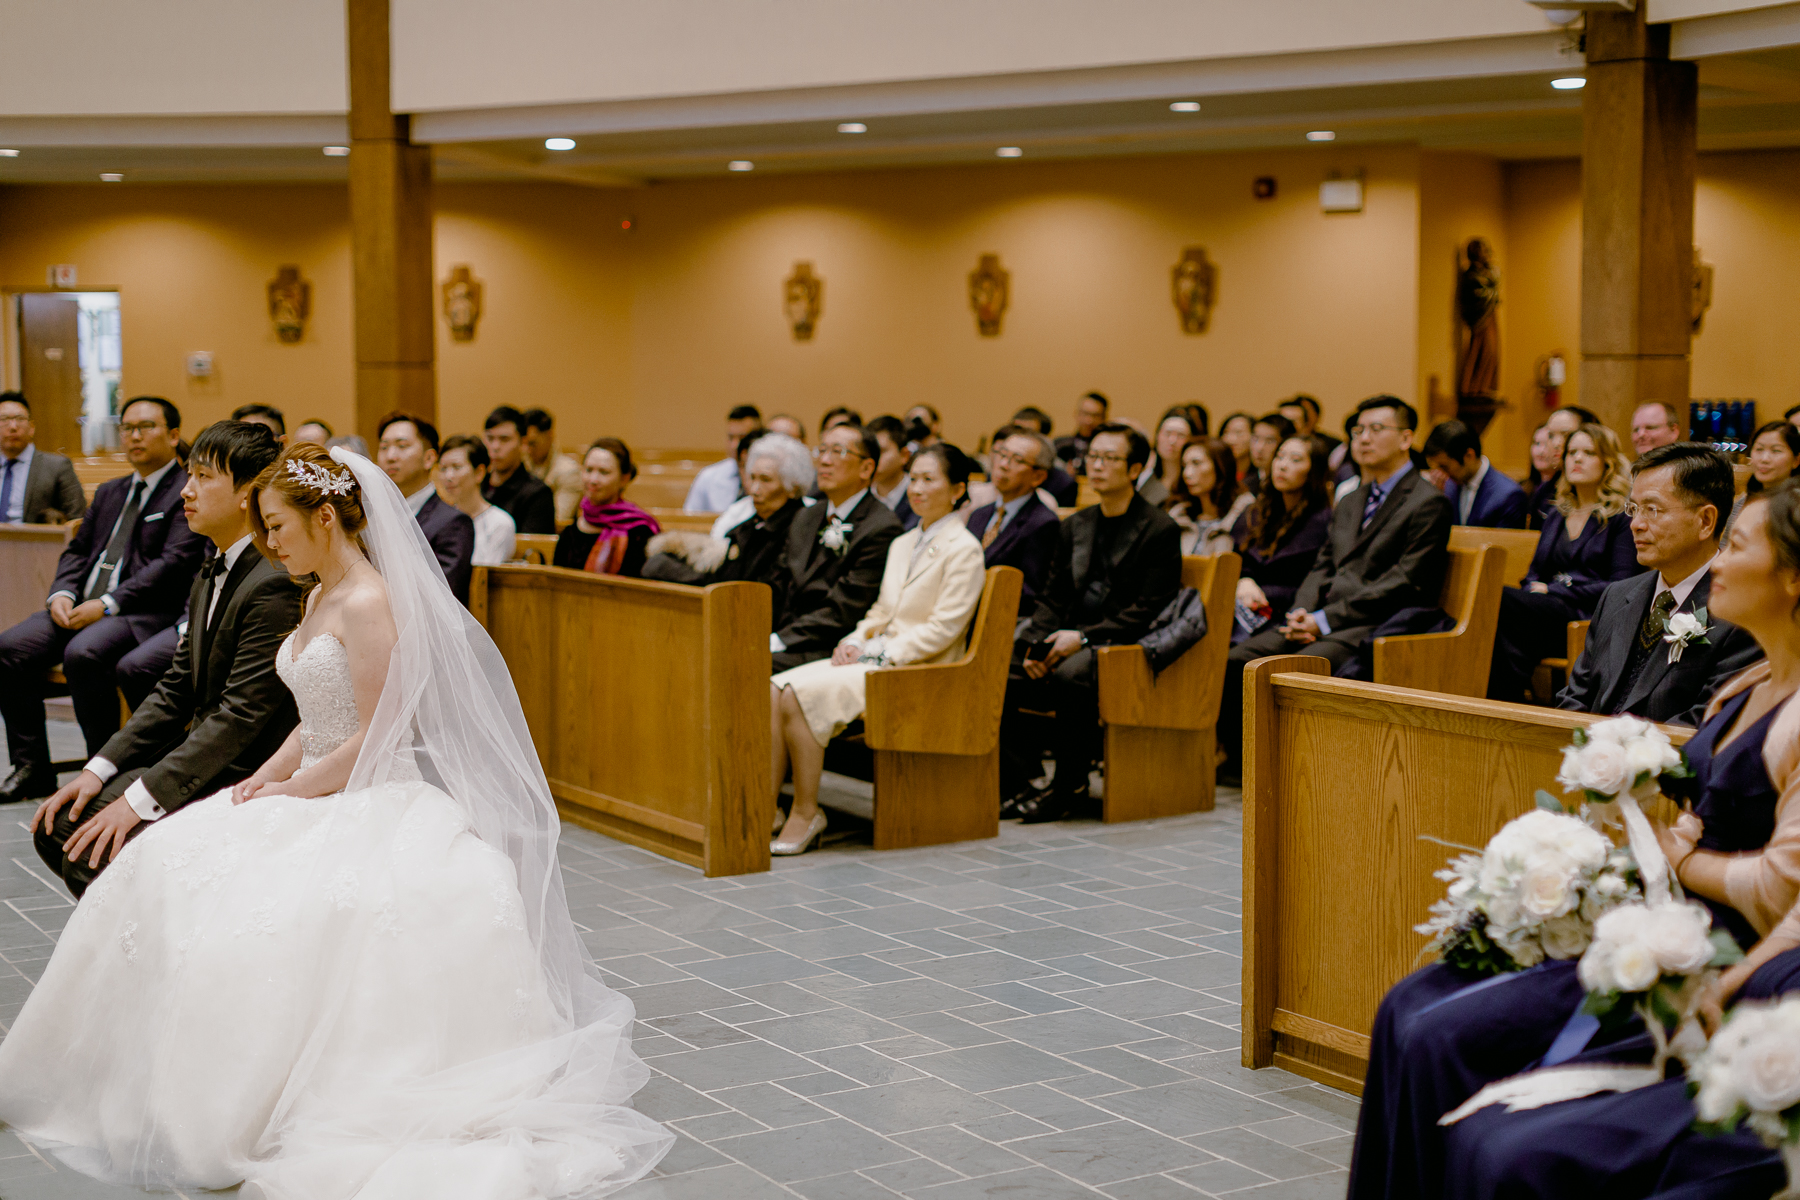 markham-wedding-photography-markham-museum-wedding 0040.jpg